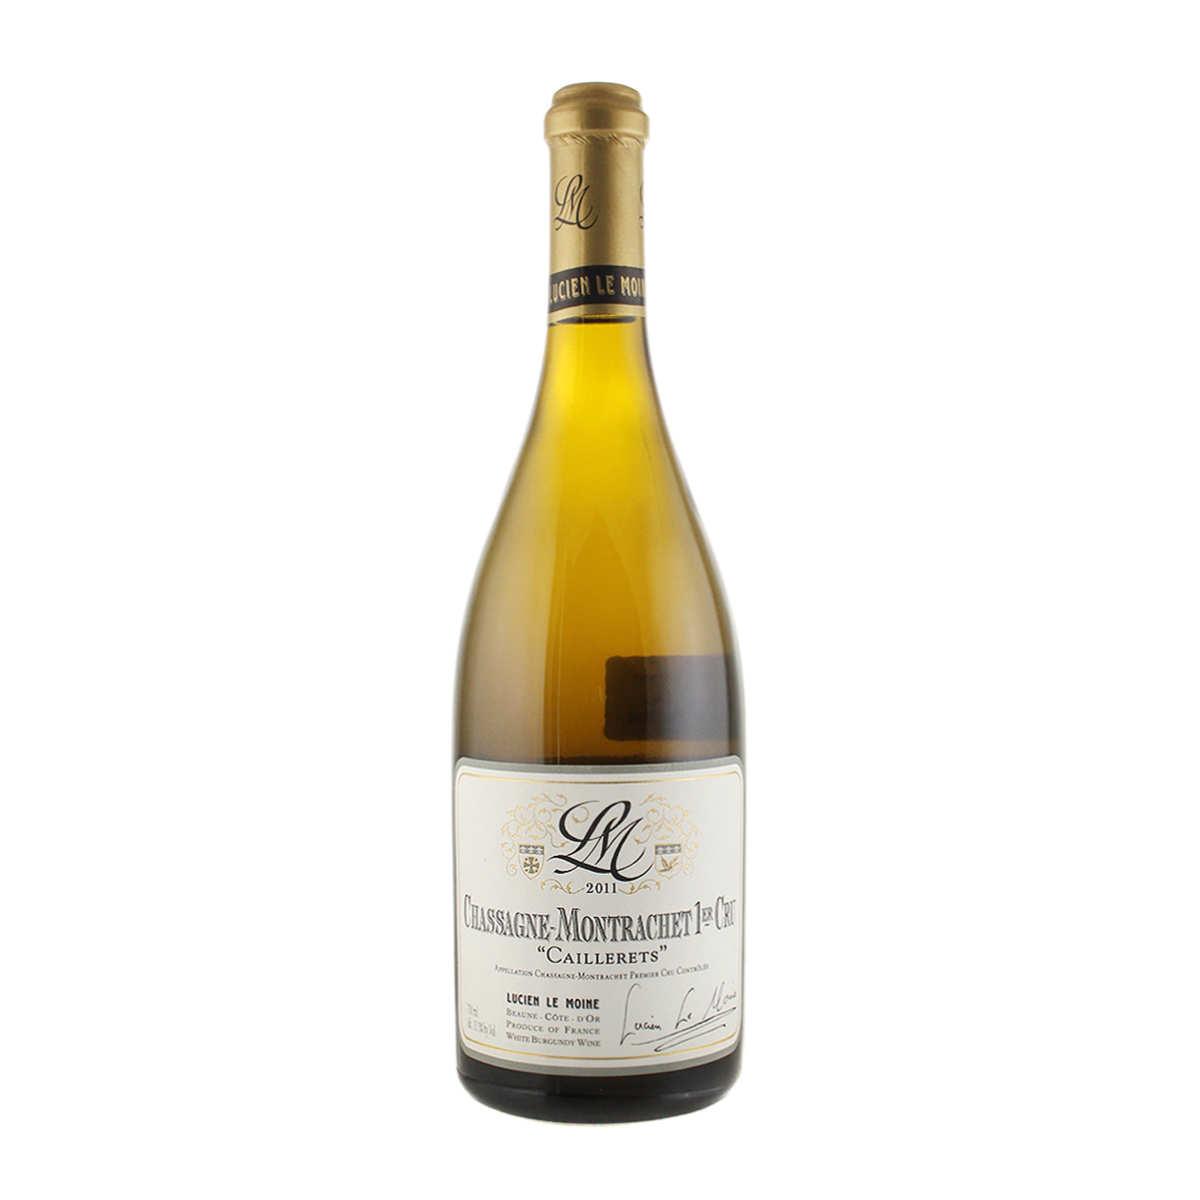 Le Moine Chassagne-Montrachet 1er Cru Les Caillerets